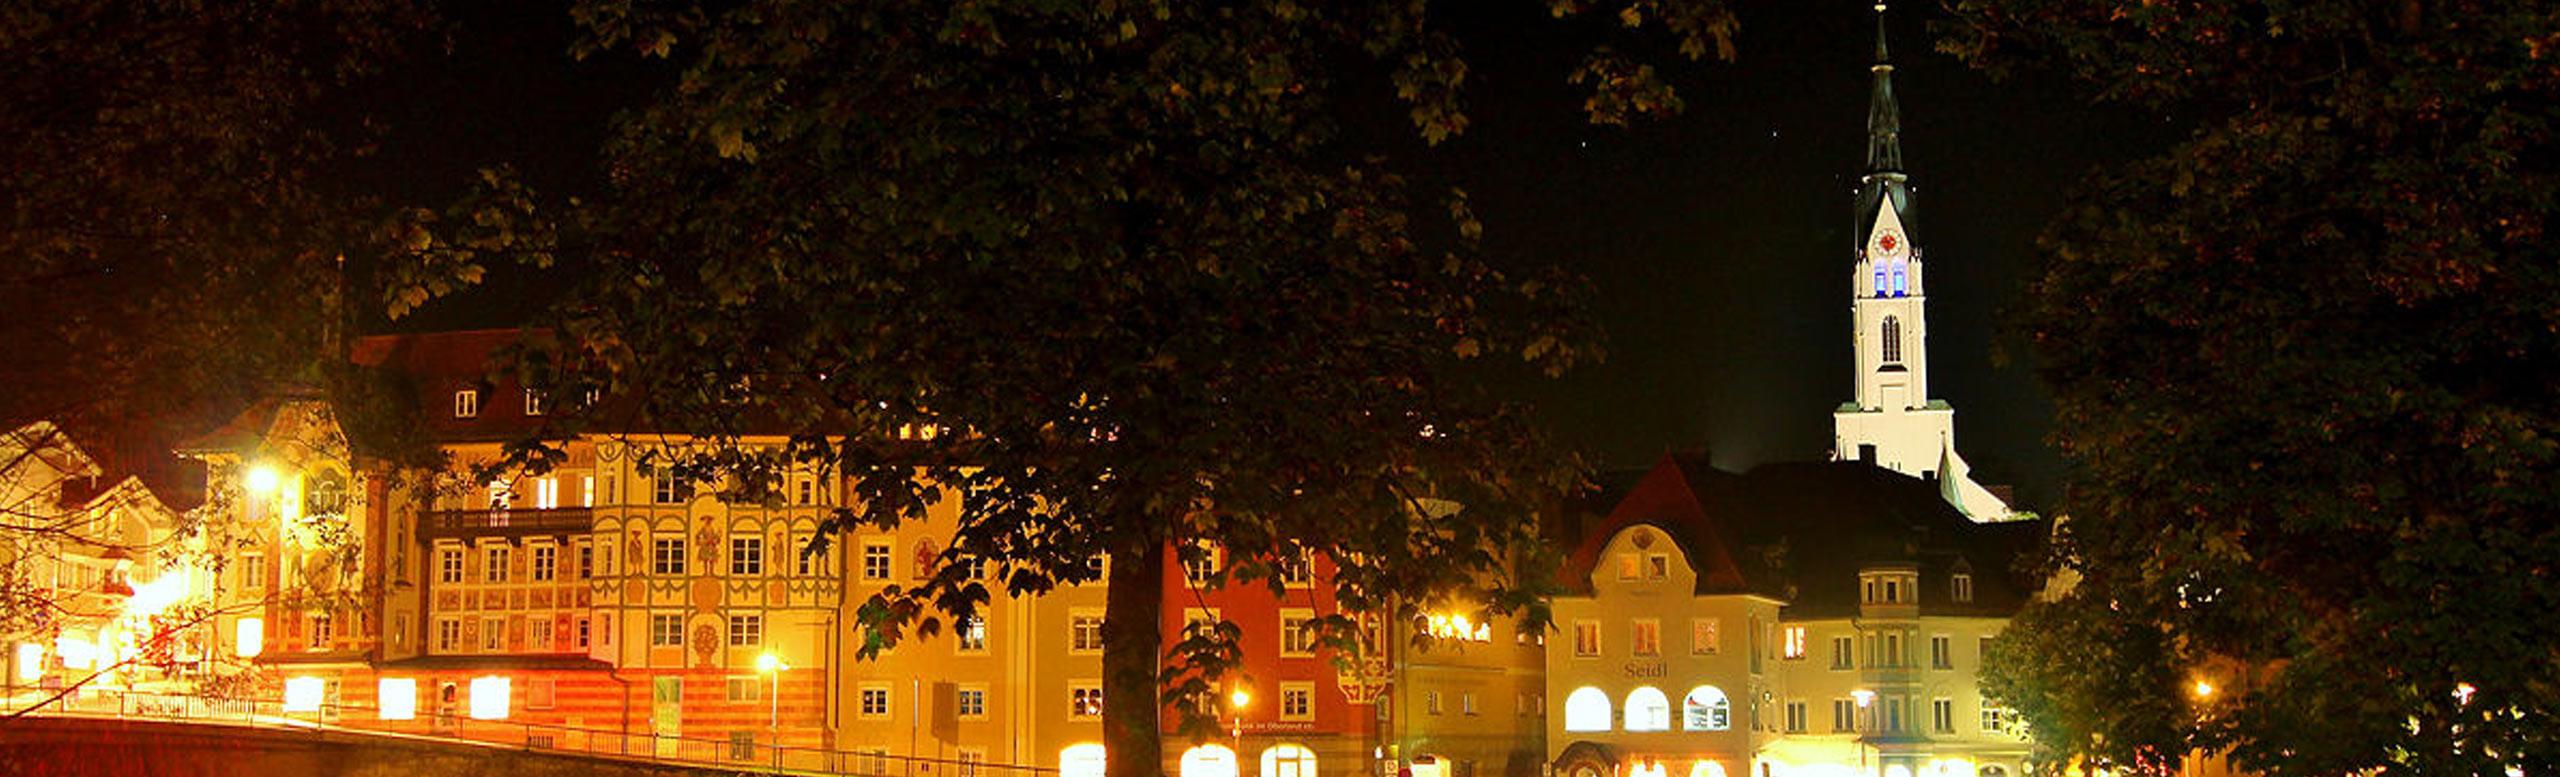 Bad-Toelz-bei-Nacht